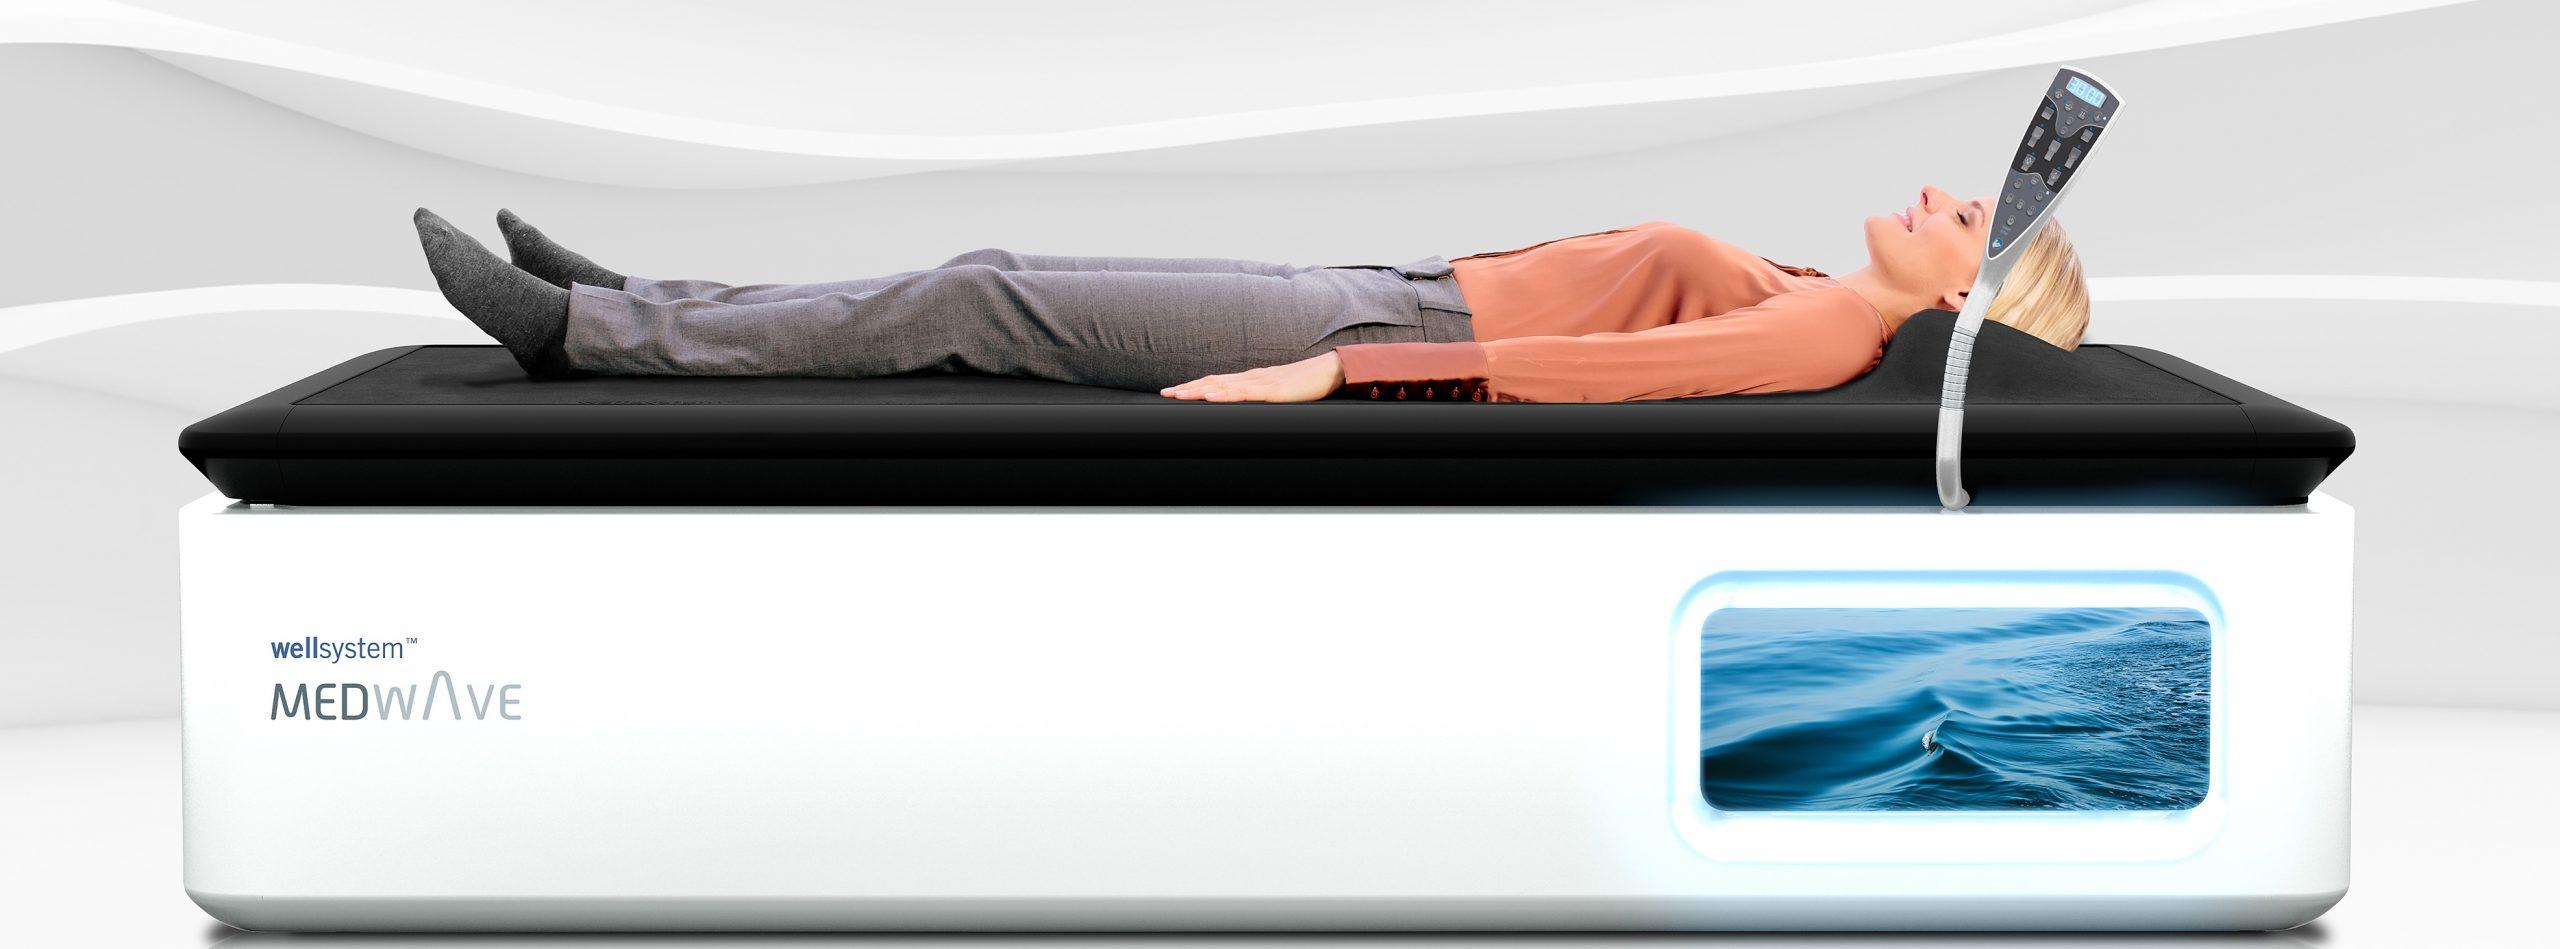 Medwave-Massage - Hydrojet der neuesten Generation in